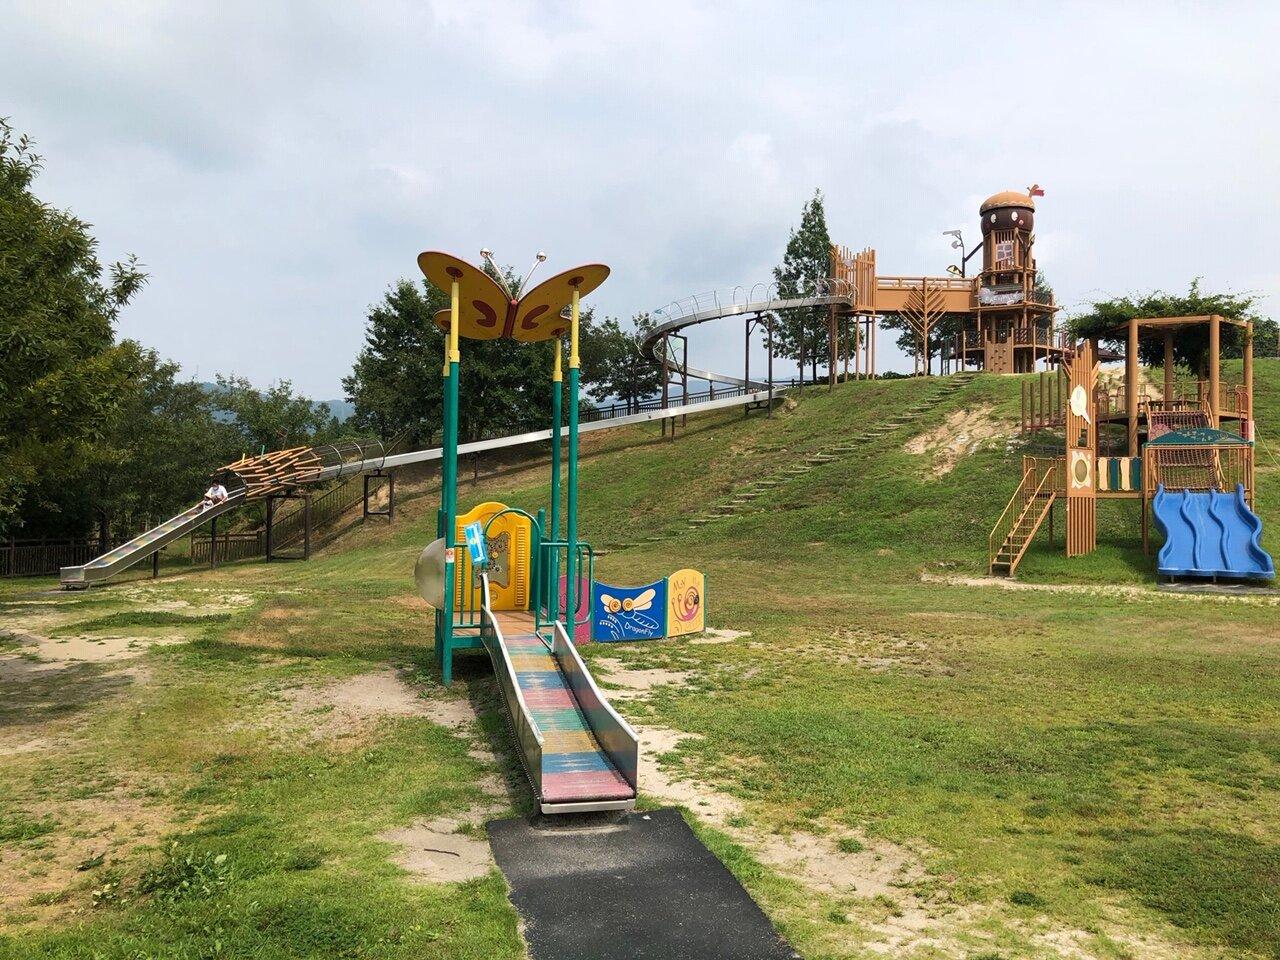 大型遊具に、芝ソリ!子どもたちも大喜びの玖珂総合公園